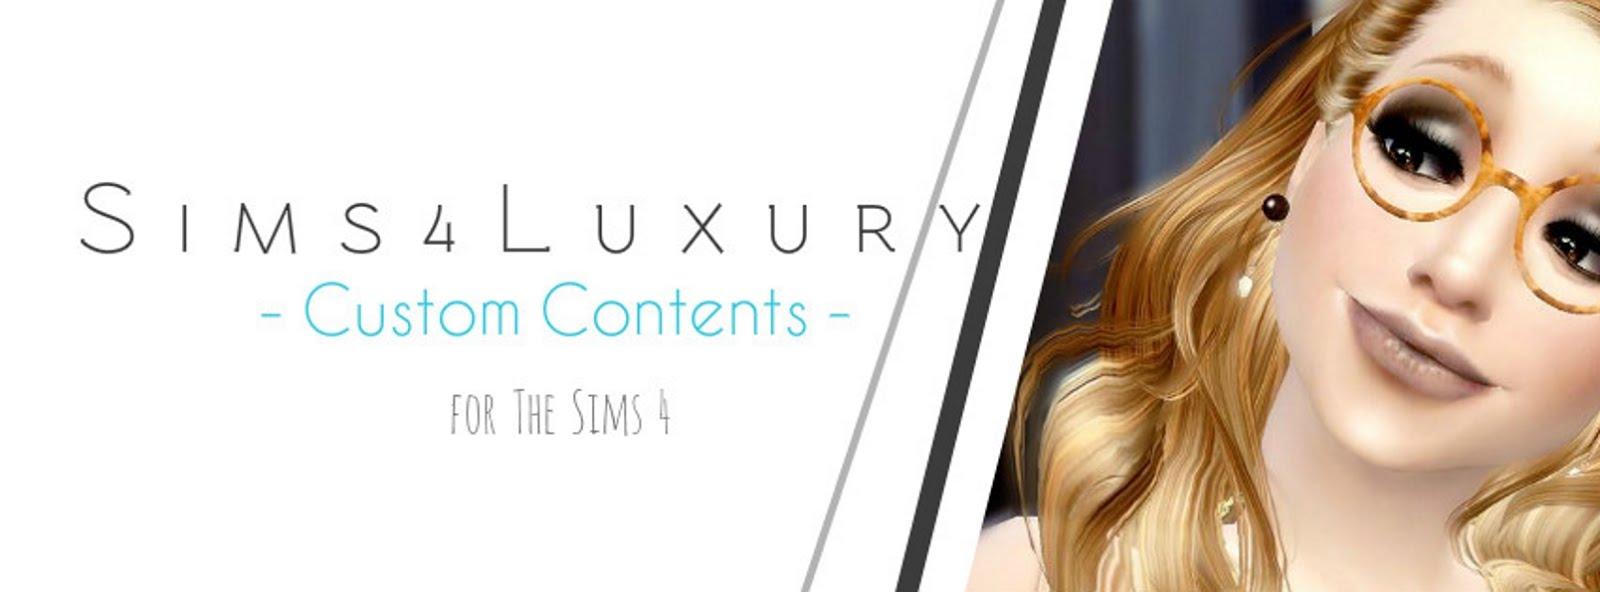 Sims4Luxury